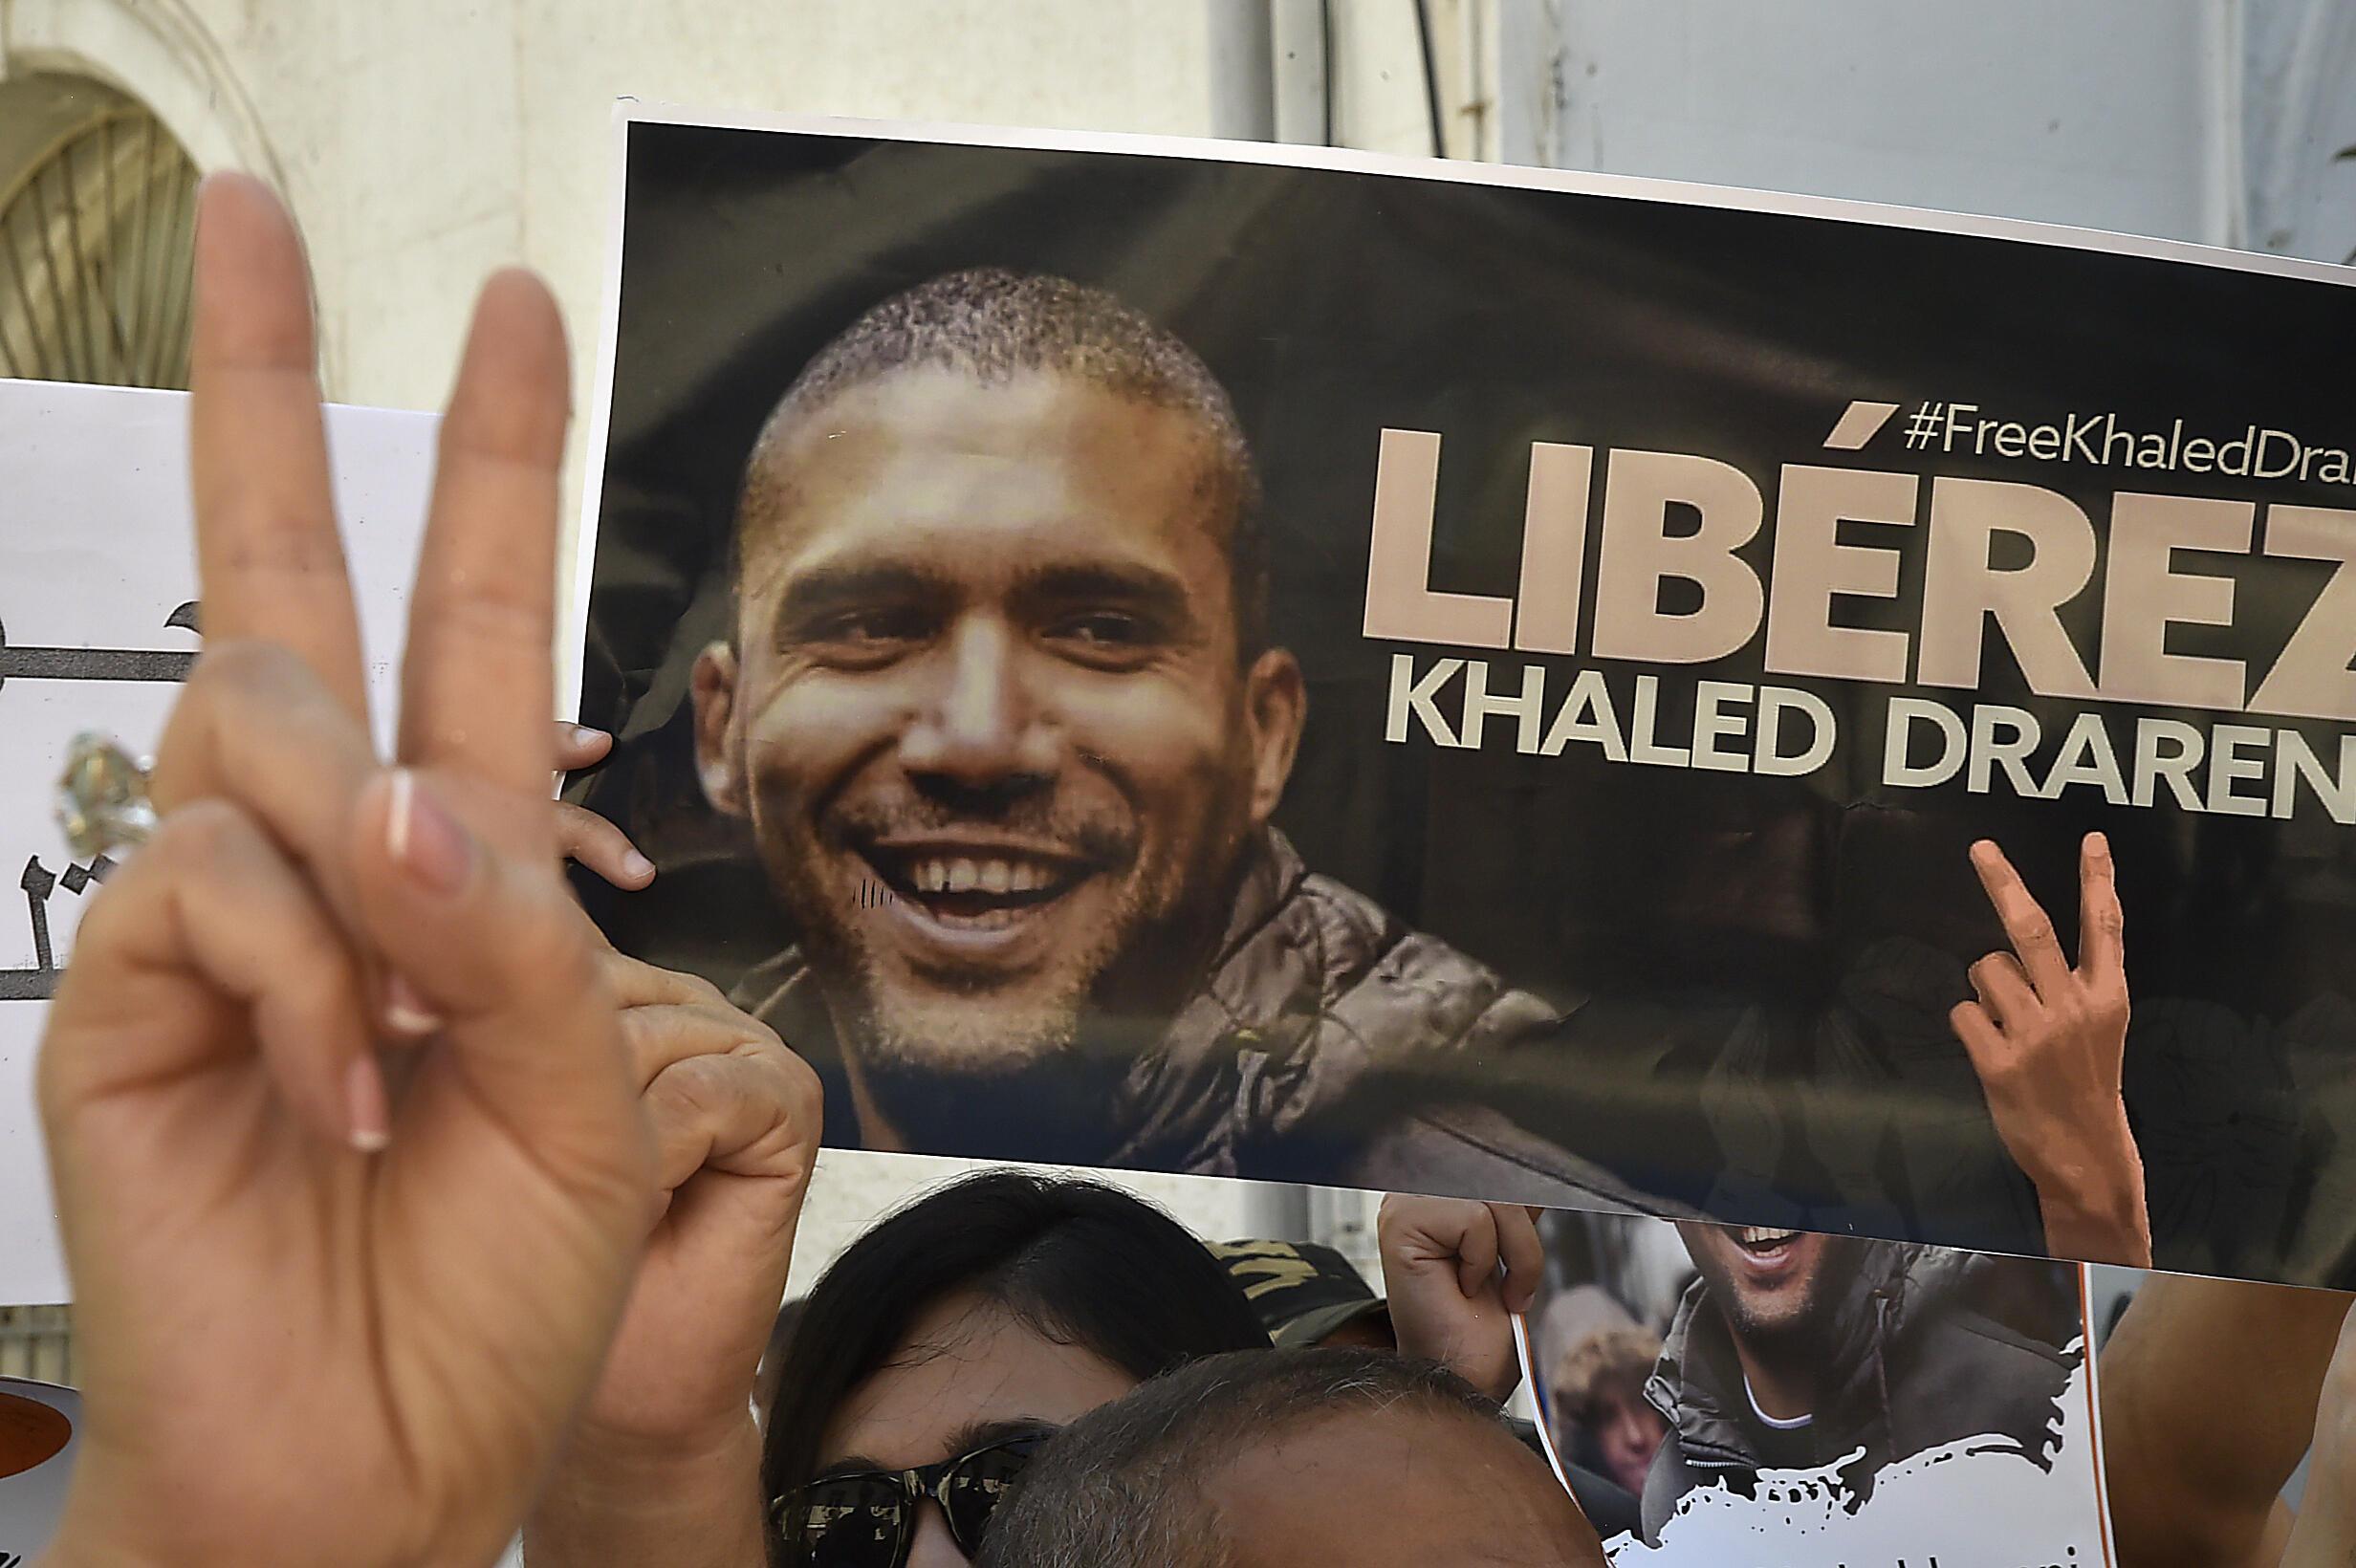 تجمع في 31 آب/اغسطس 2020 في العاصمة الجزائرية للمطالبة بالإفراج عن الصحافي خالد درارني